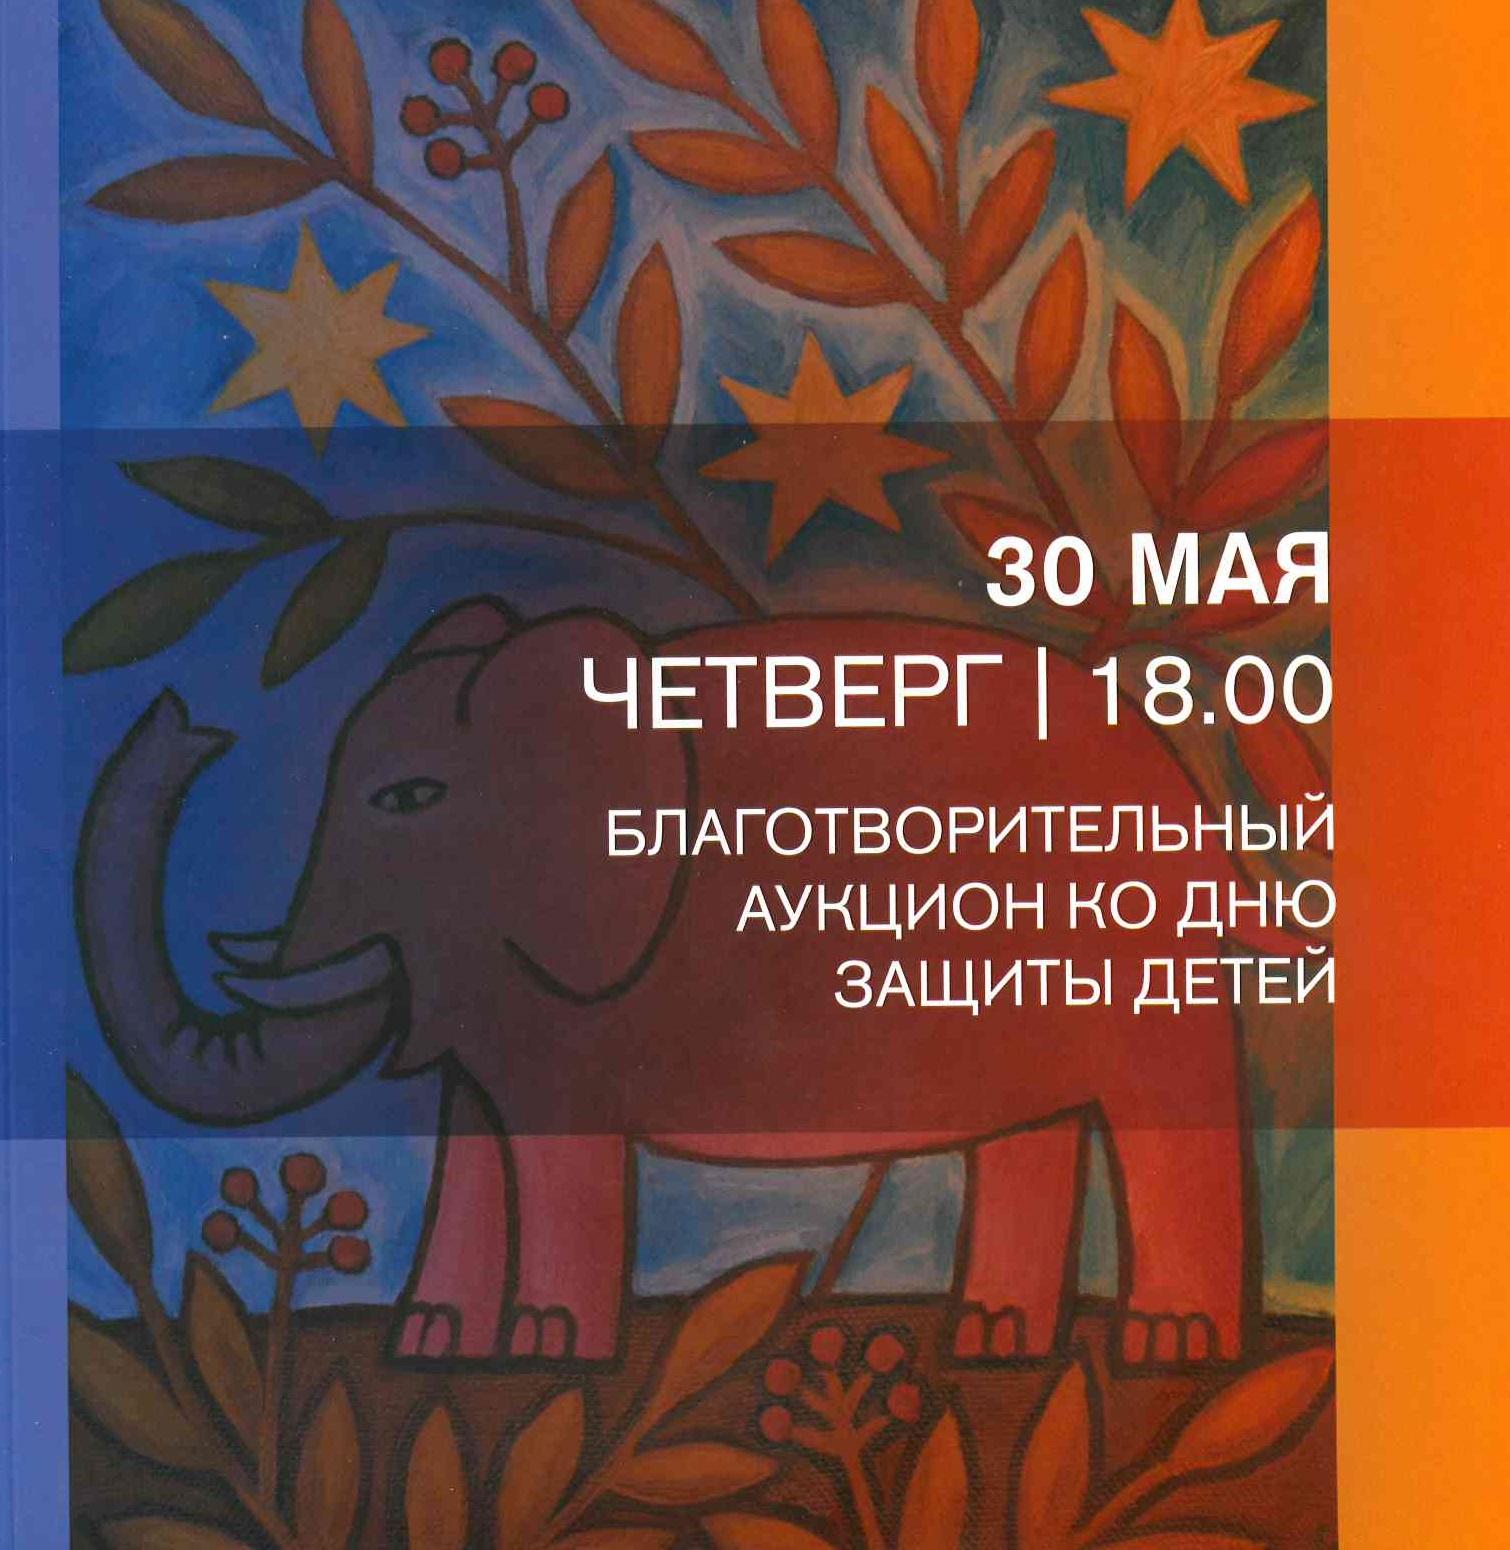 Каталог аукциона № 140. Благотворительный аукцион. «В Никитском» совместно с музеем AZ